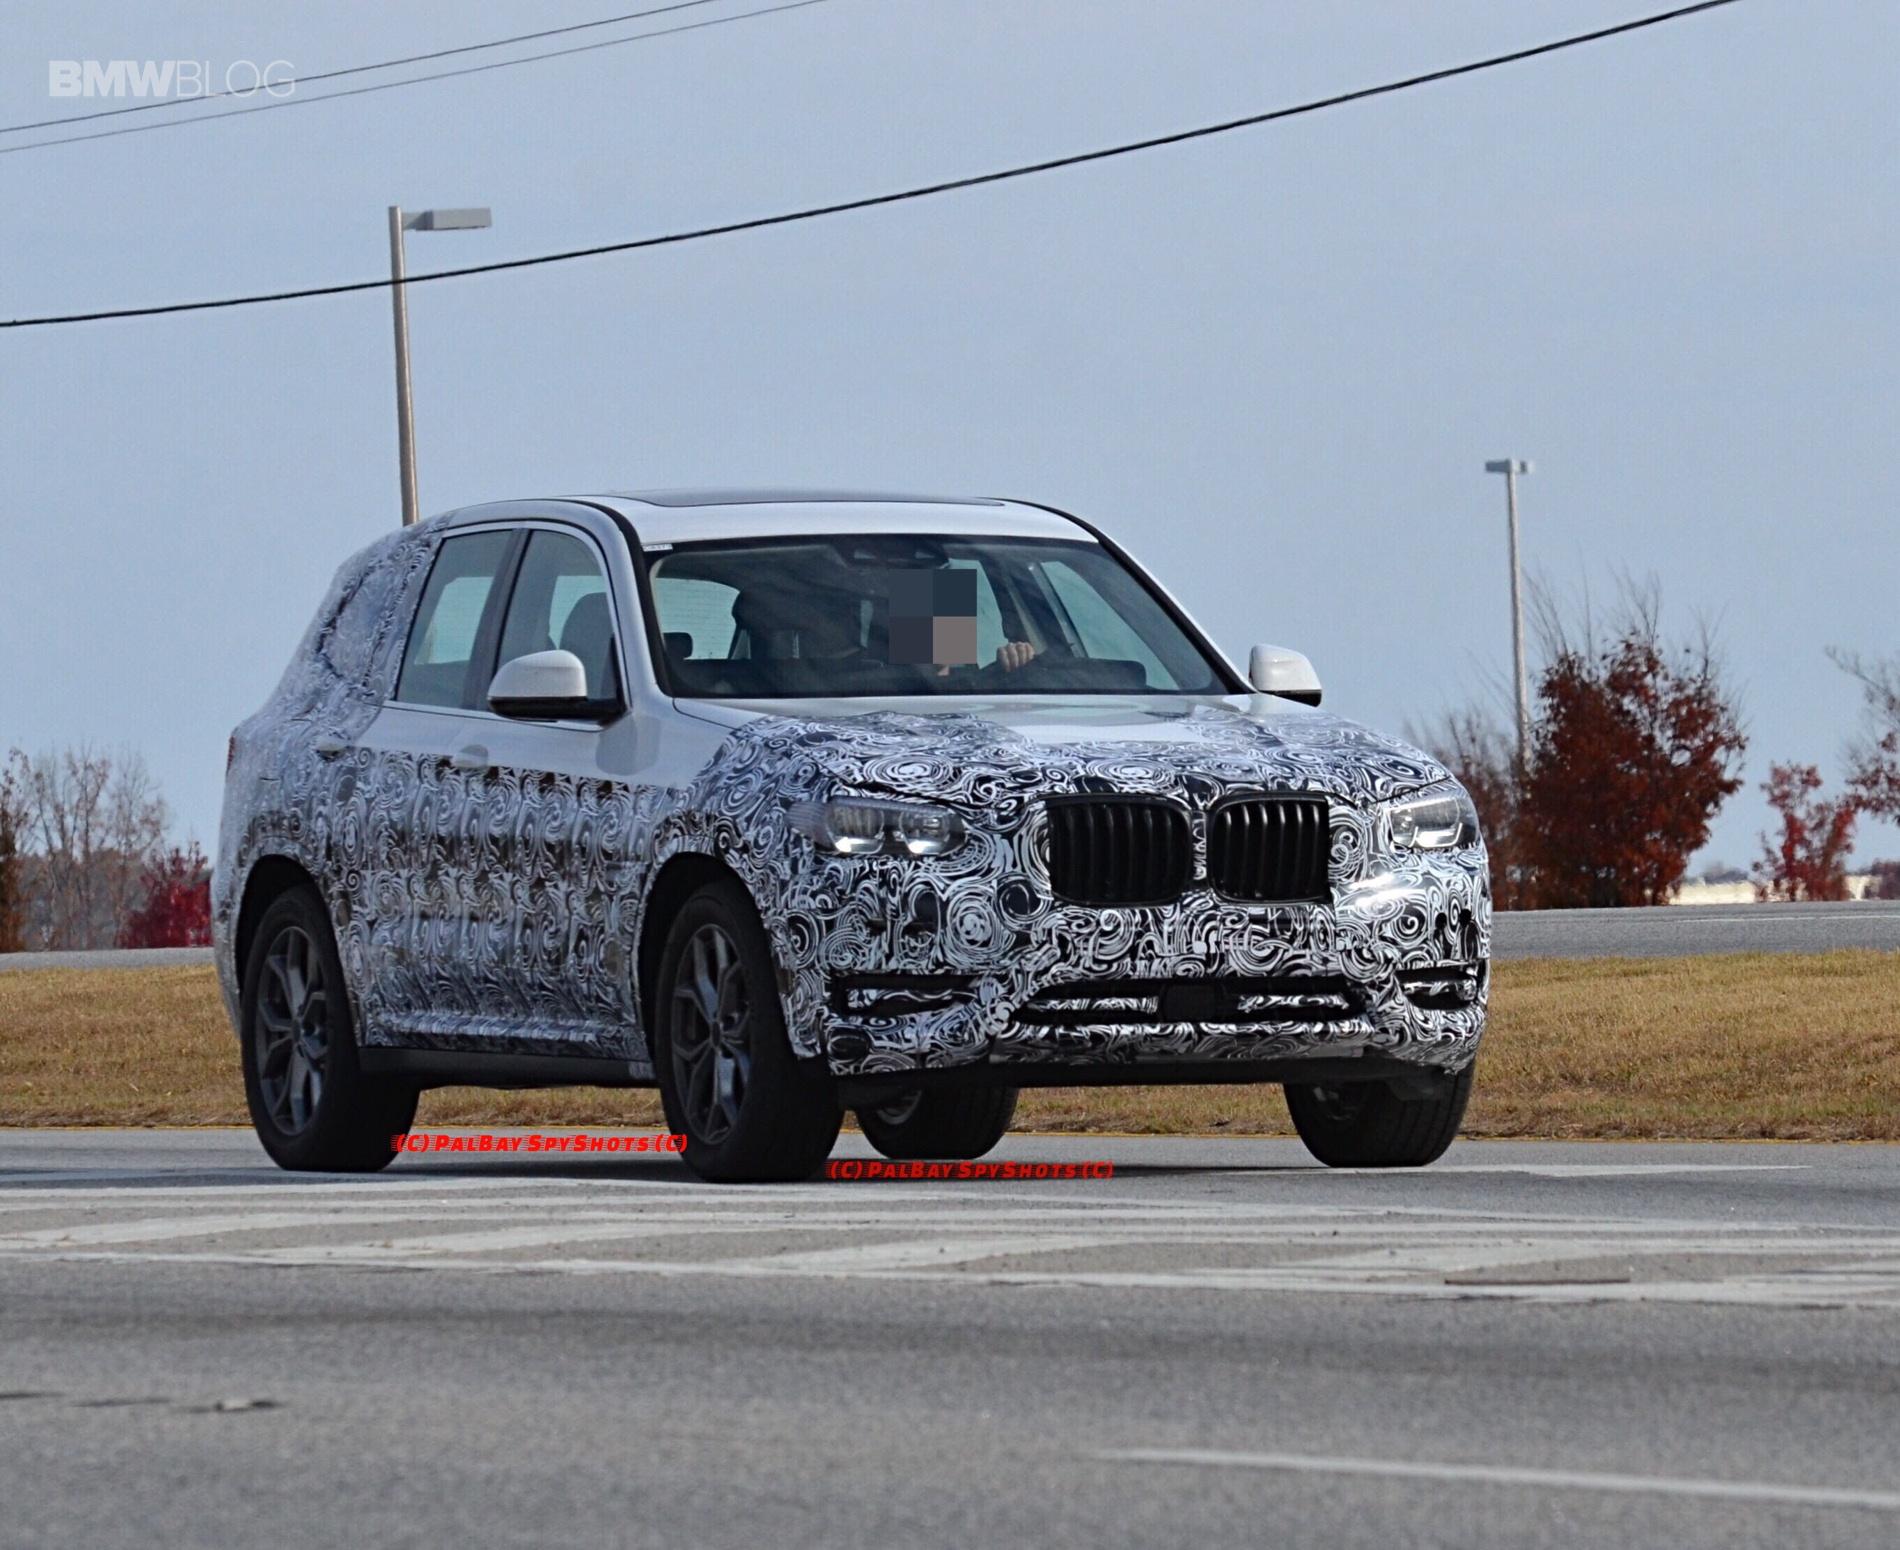 BMW X3 M40i spy photos 10